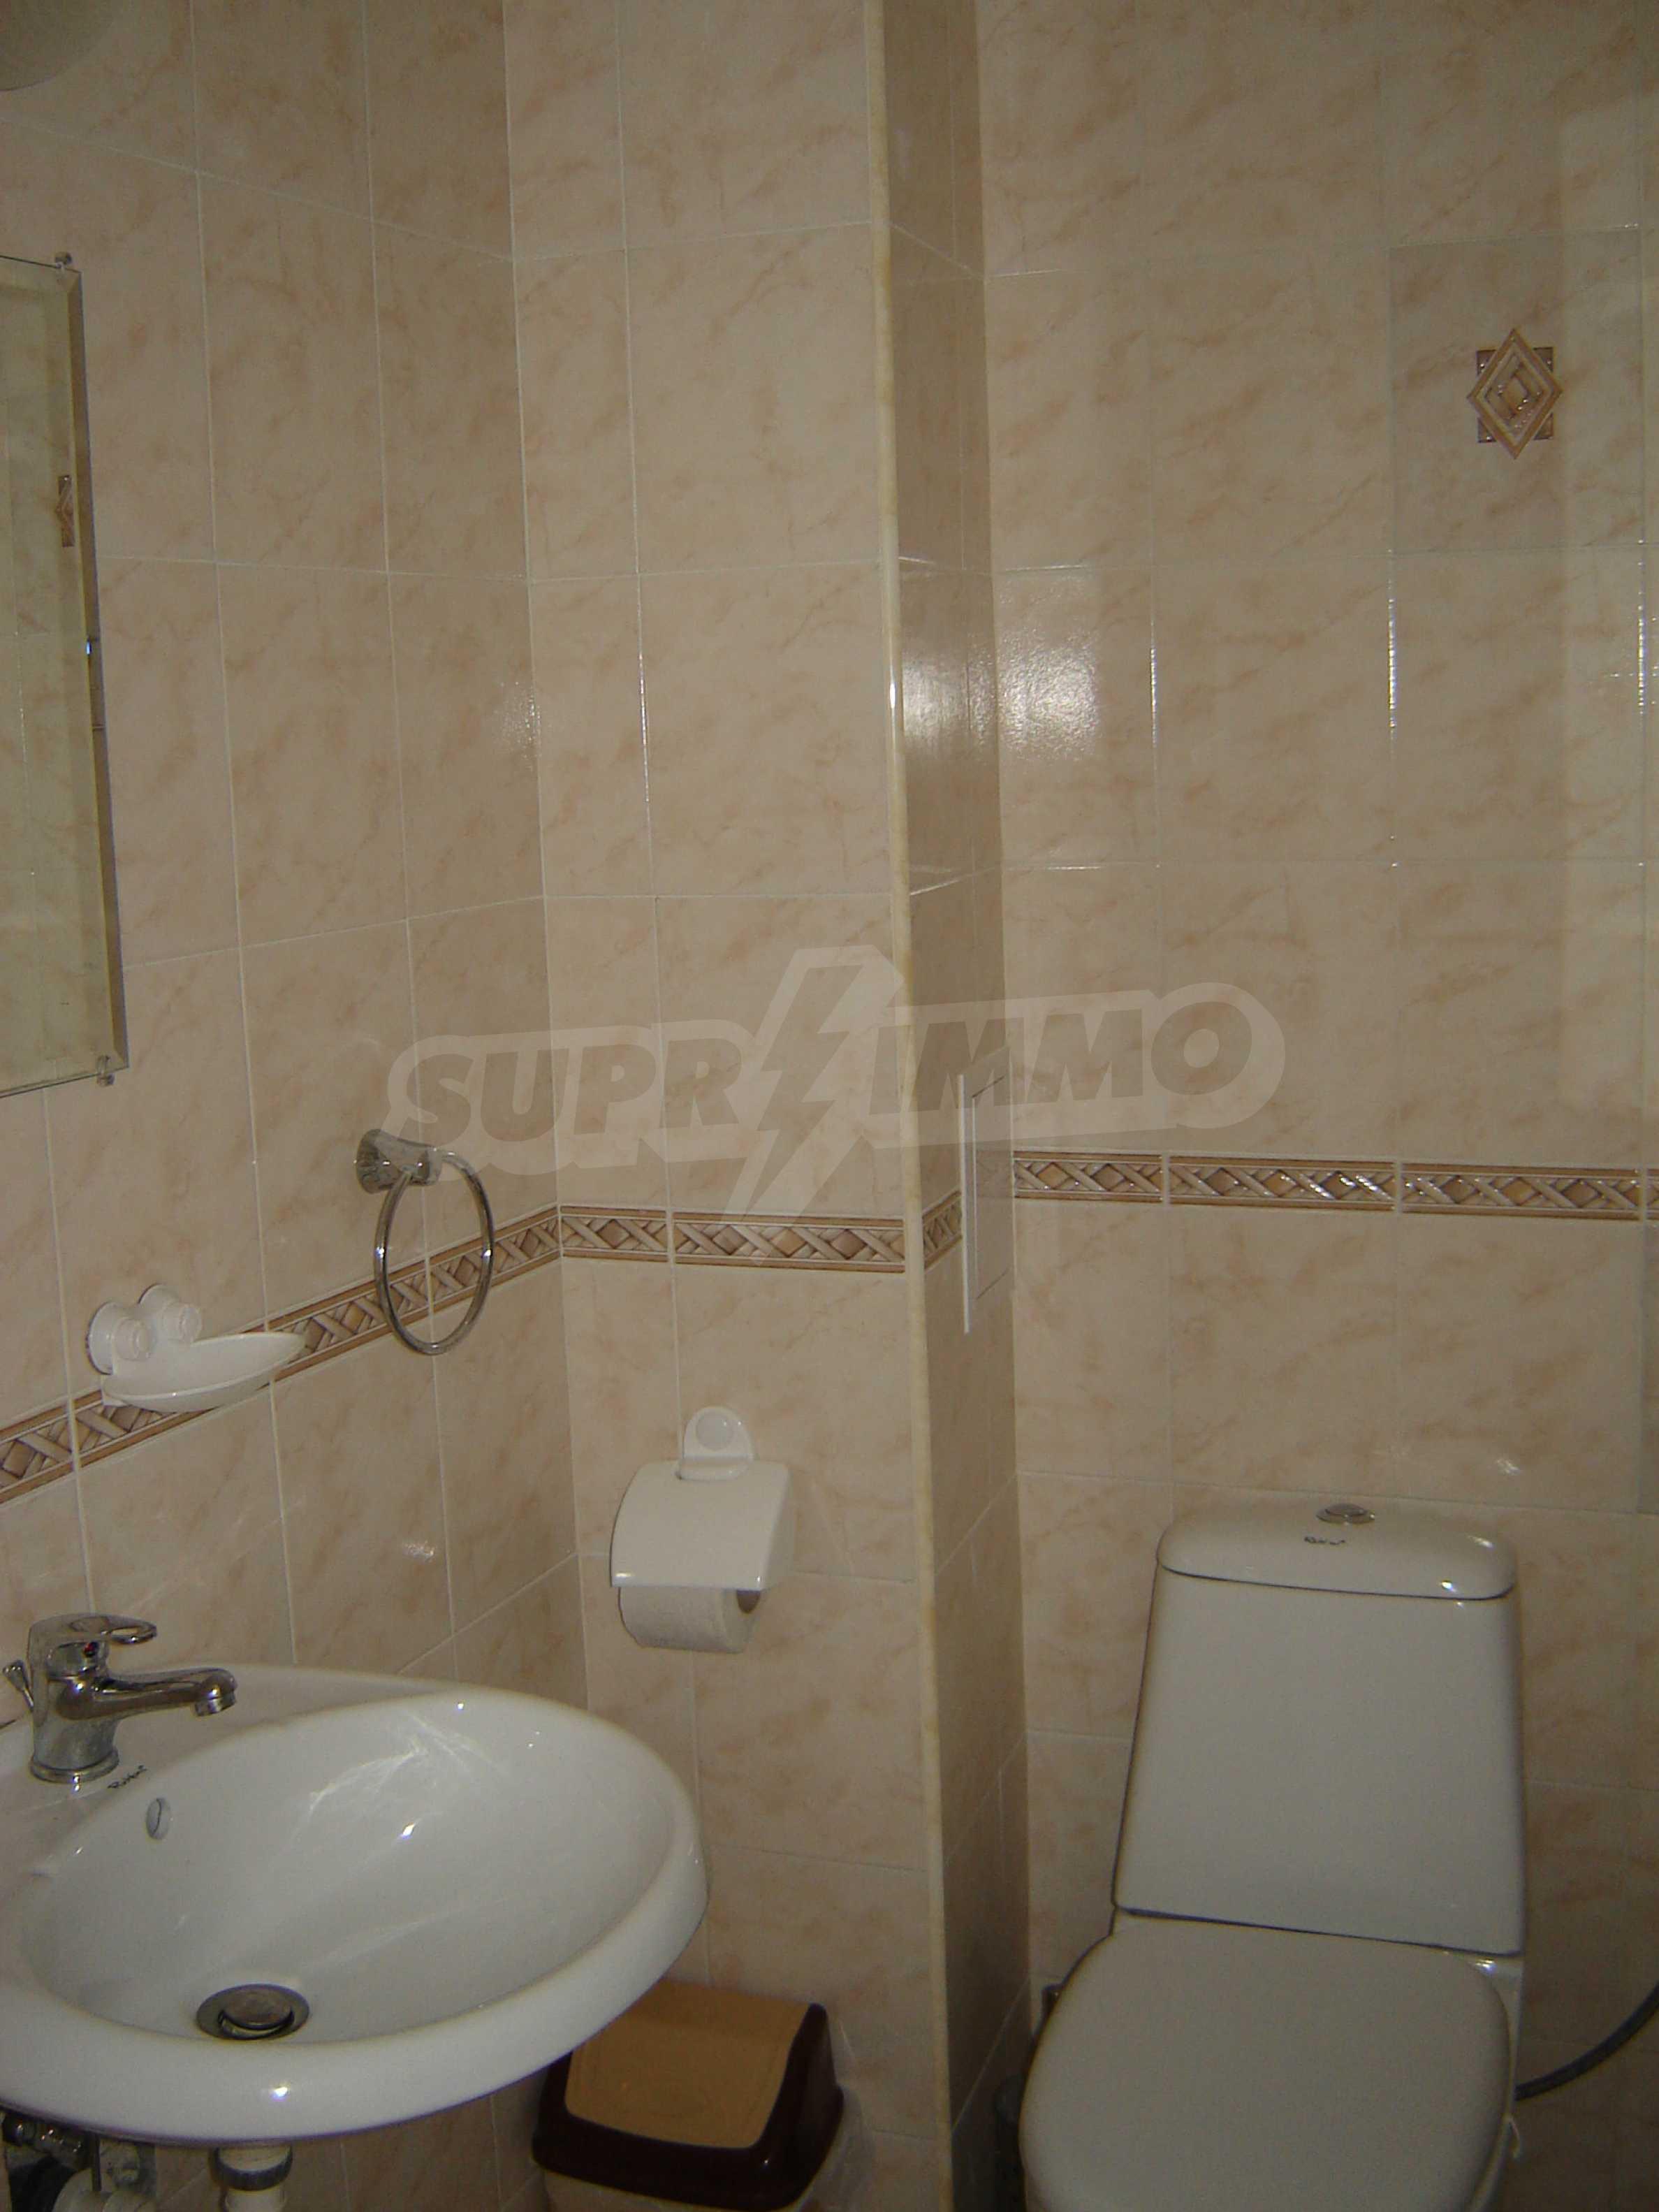 House of family hotel type for sale in Primorsko 8